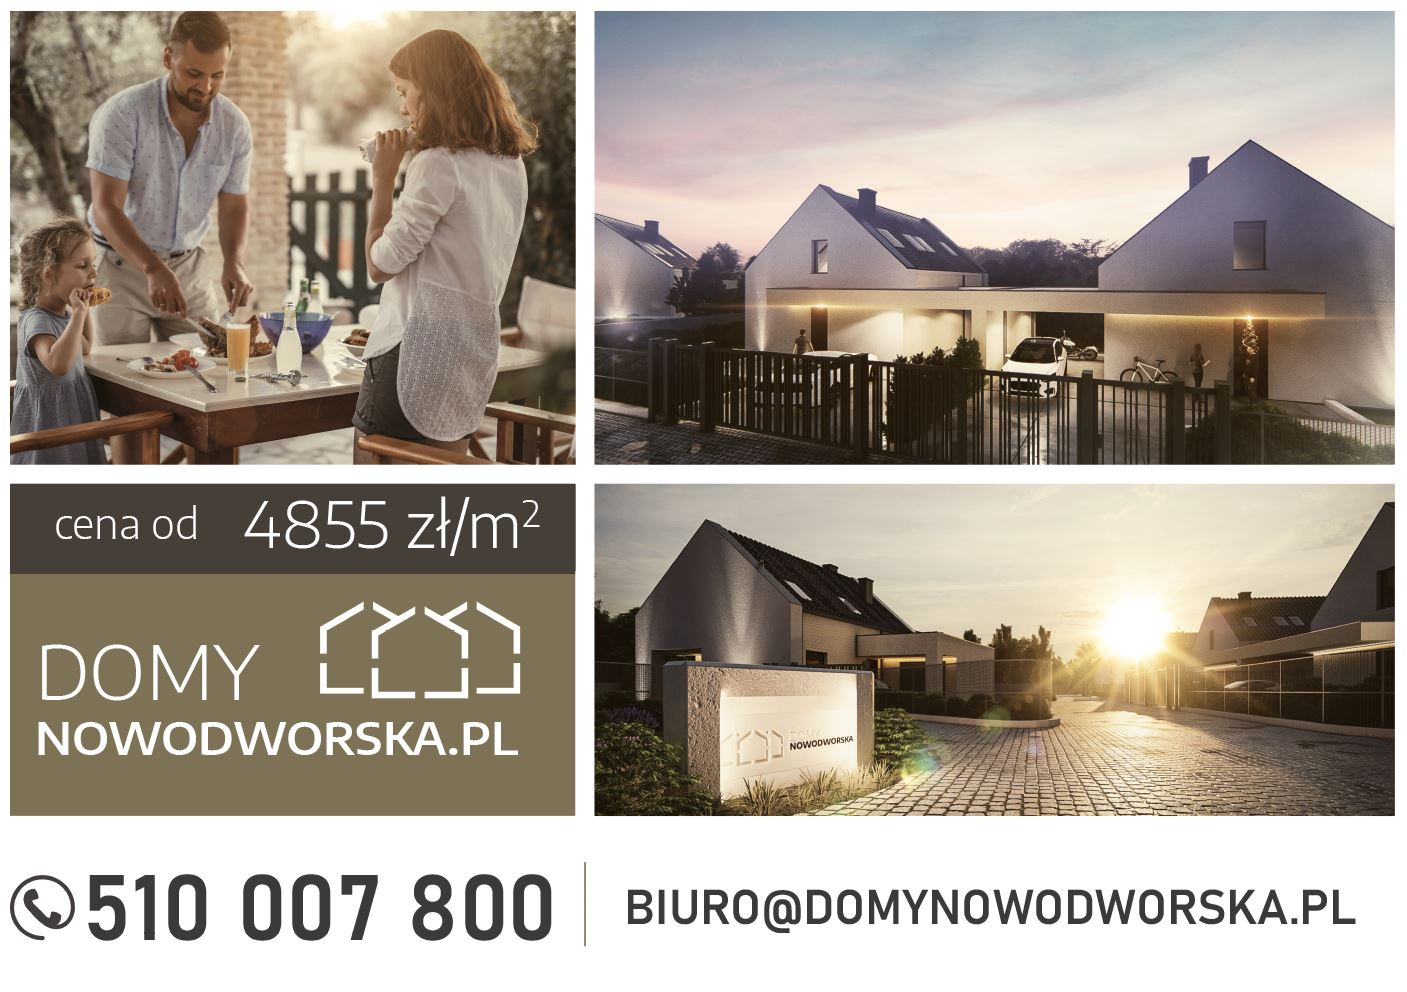 osiedle domow jednorodzinnych baner reklamowy